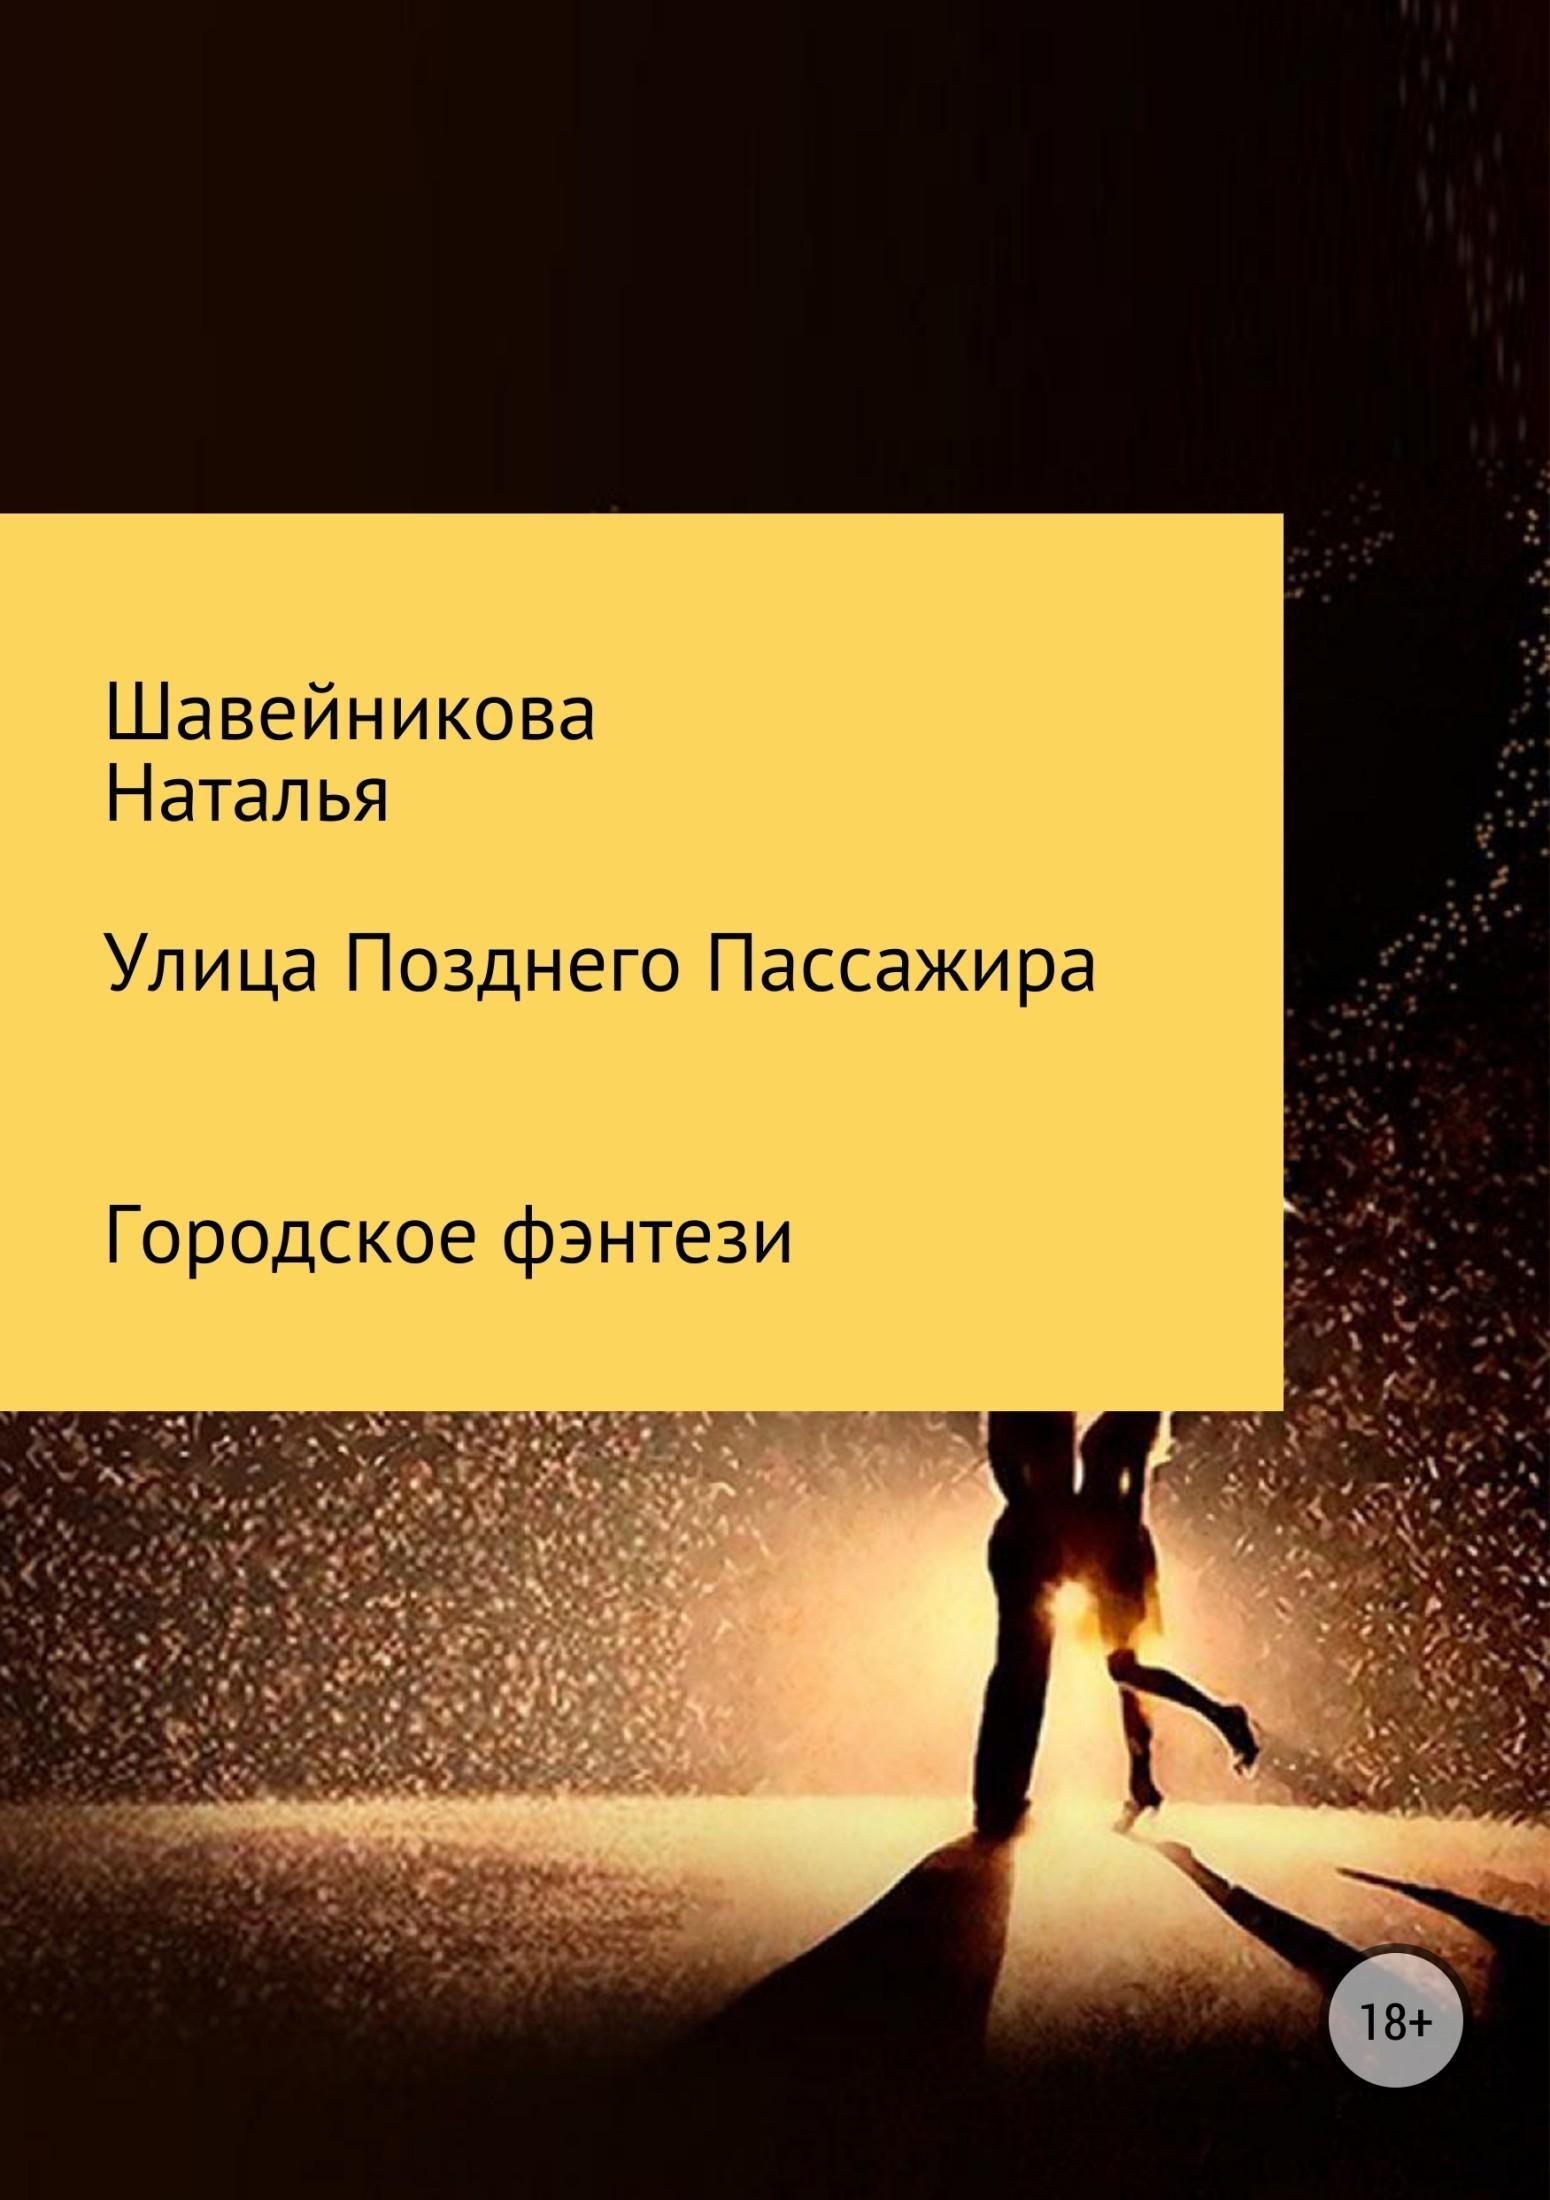 Наталья Шавейникова «Улица Позднего Пассажира»